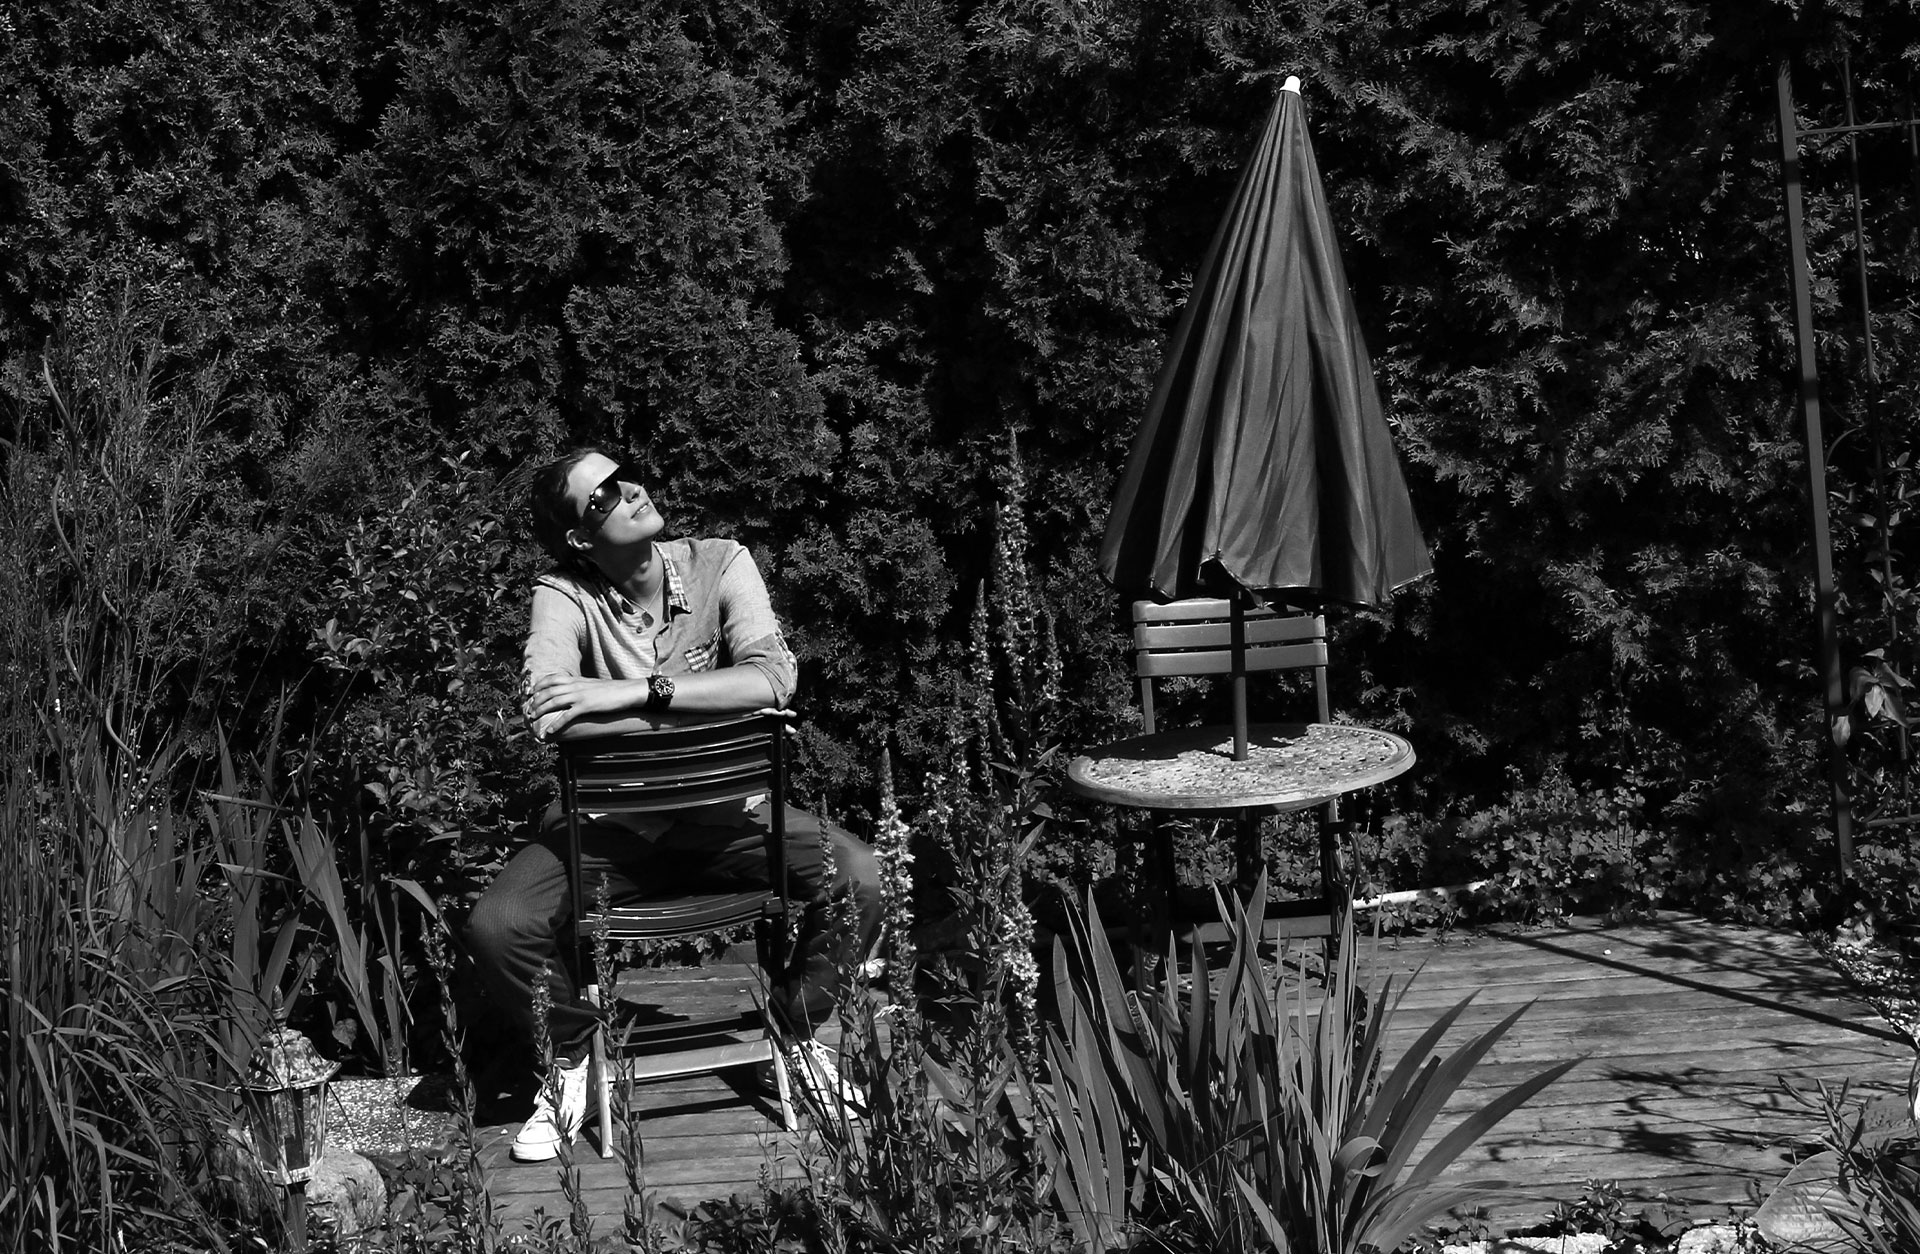 Ludwig Göransson sitter på en trädgårdsstol. Han har solglasögon och vänder sitt ansikte mot solen.